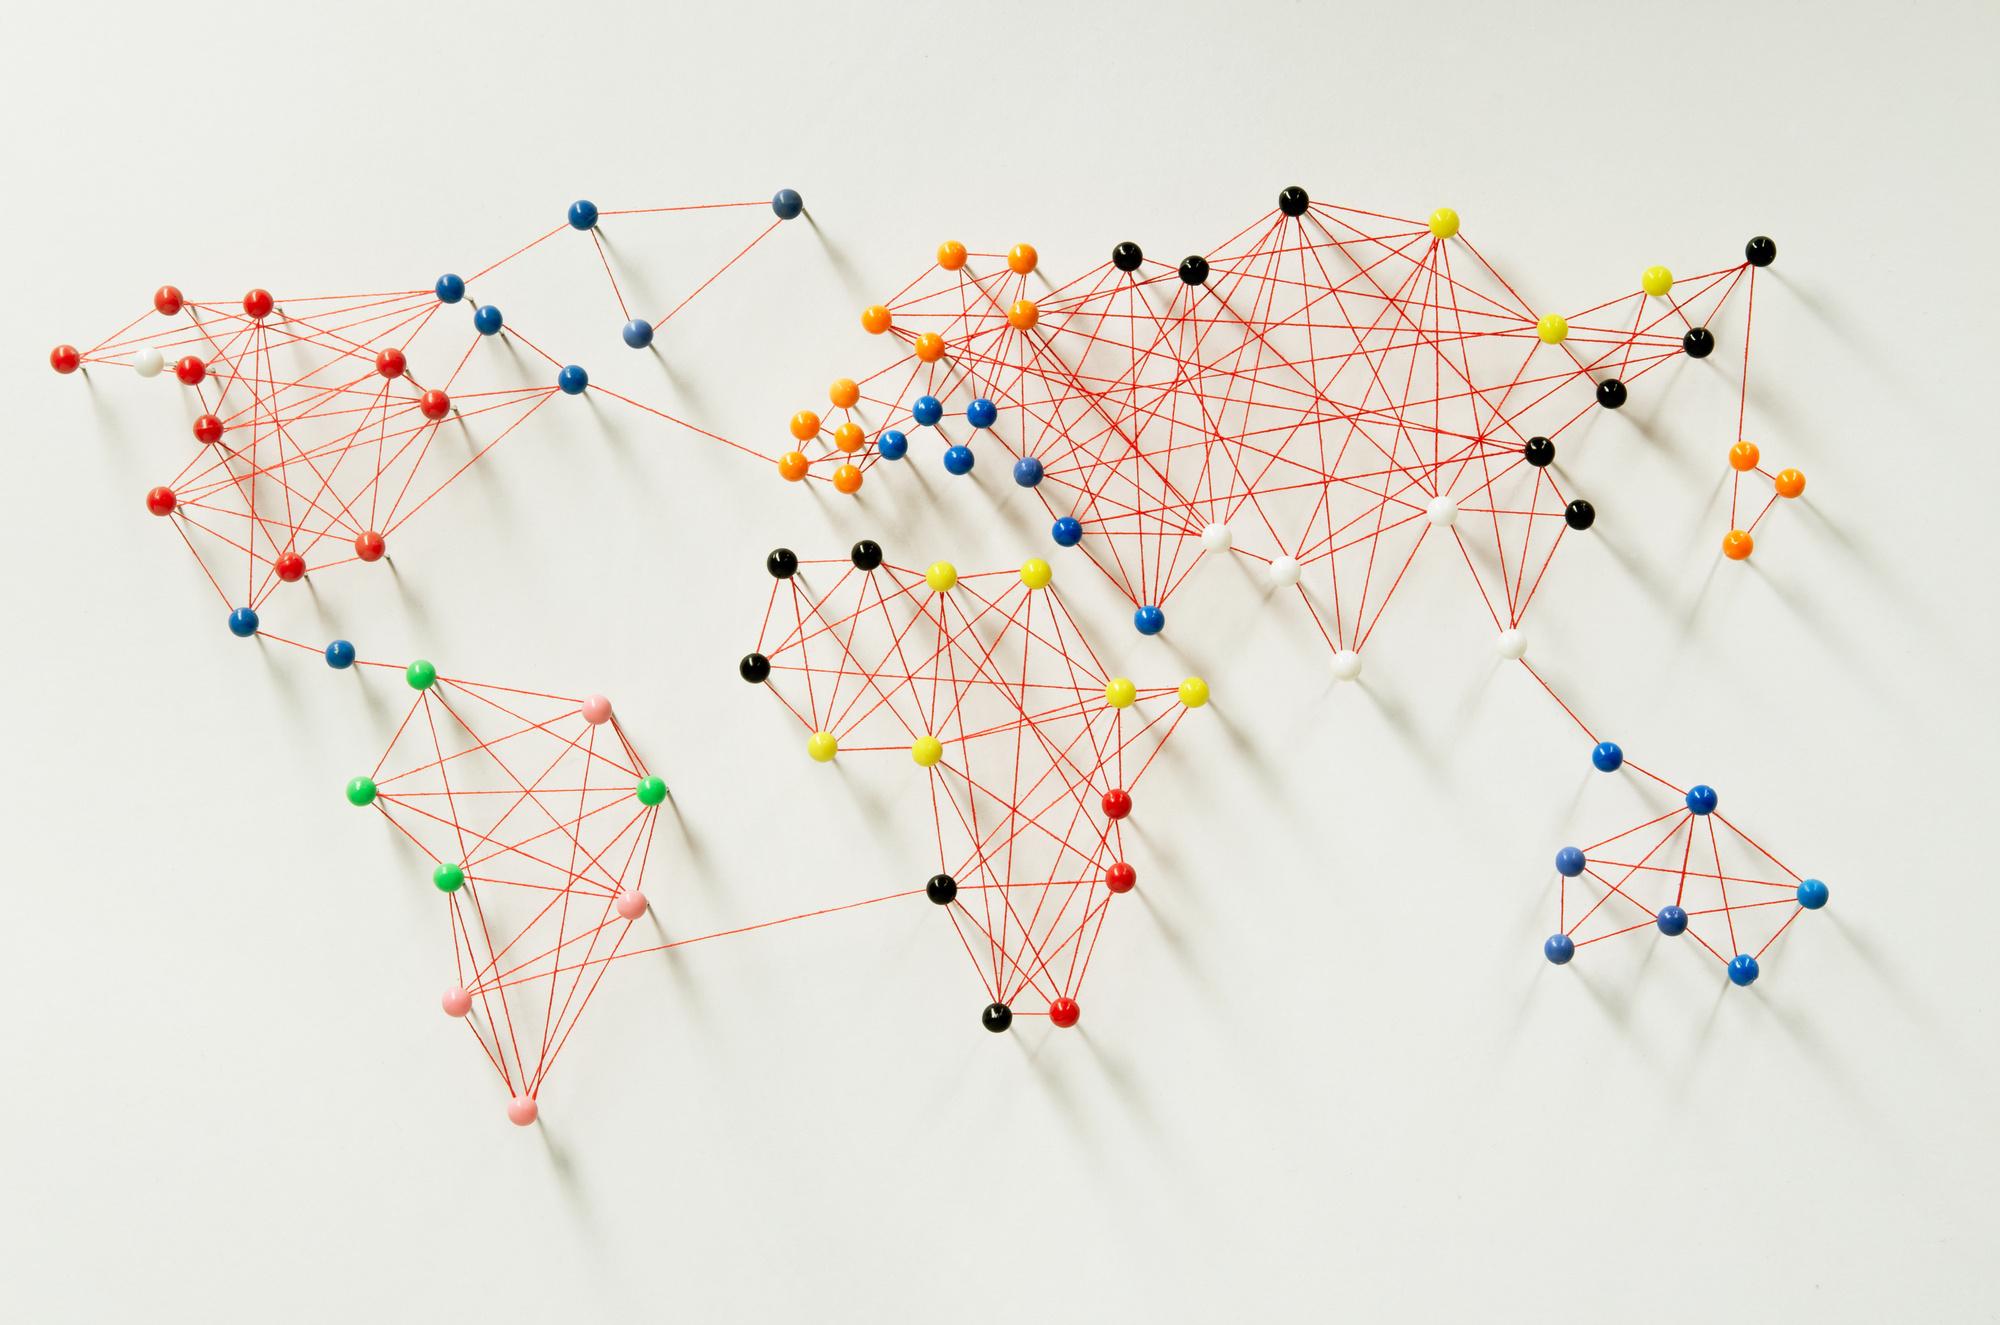 Global connections - Services de conseil aux entreprises